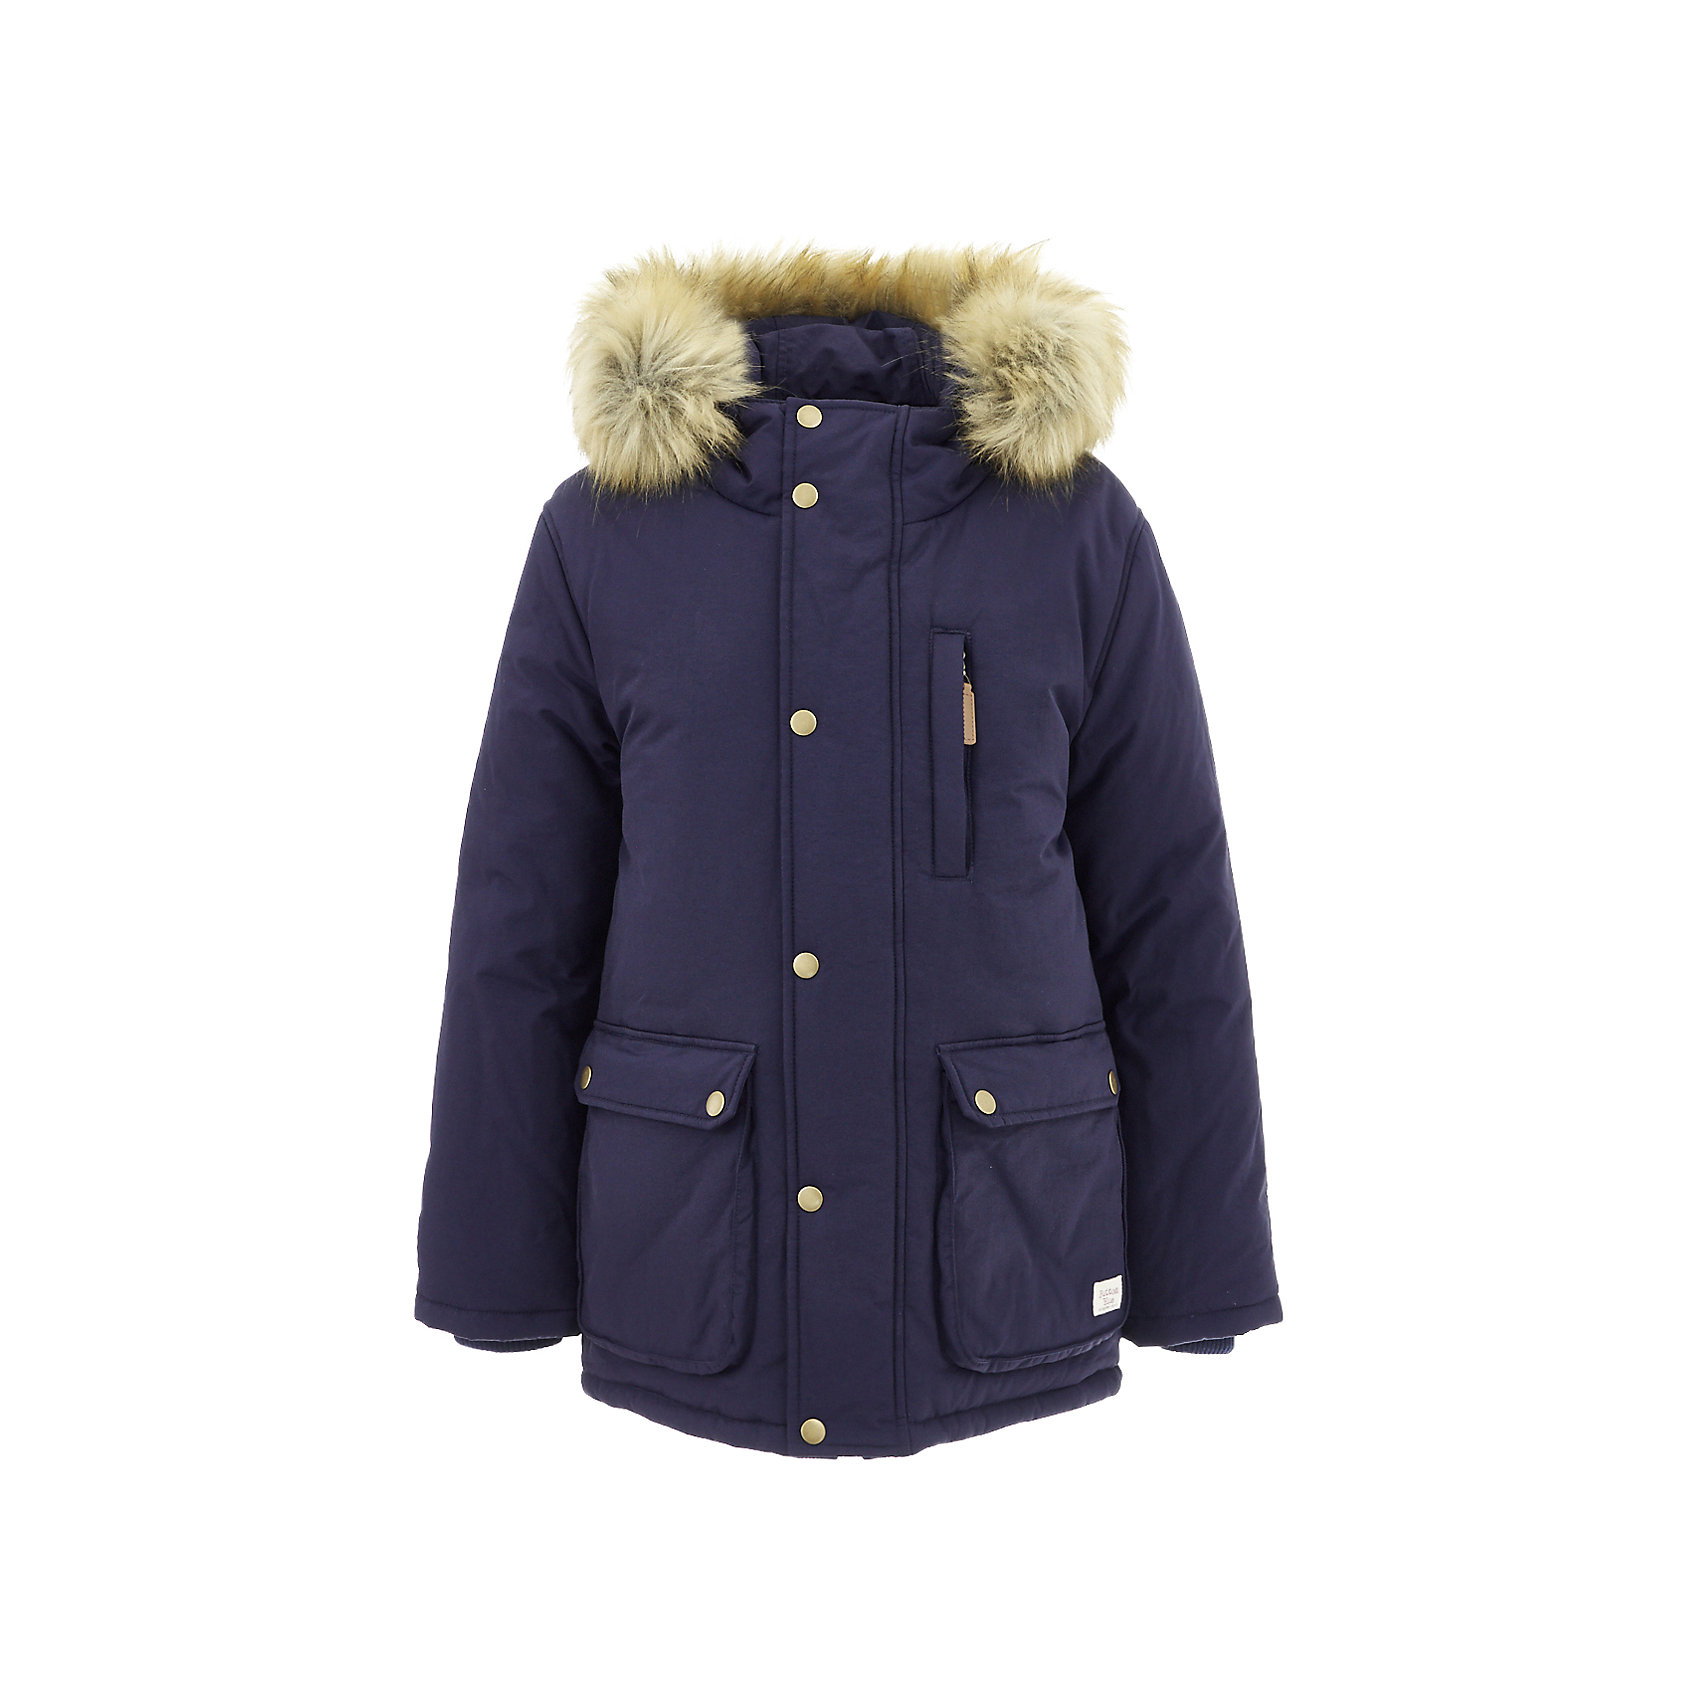 Полупальто BUTTON BLUE для мальчикаВерхняя одежда<br>Полупальто BUTTON BLUE для мальчика<br>Стильное зимнее полупальто для мальчика - залог хорошего настроения в морозный день! Классное детское полупальто по оптимальной цене принесет удовольствие от покупки эксплуатации! Недорогое пальто - не значит скучное! Красивый цвет, модный силуэт, крупные функциональные детали обеспечивают пальто прекрасный внешний вид! Если вы хотите купить зимнее полупальто и не сомневаться в его качестве и комфорте, детское полупальто от Button Blue - то что нужно!<br>Состав:<br>тк. верха:100% нейлон                   Подкладка: 100% полиэстер (флис)/100% полиэстер  Утеплитель 100% полиэстер (fake down) мех: искусственный<br><br>Ширина мм: 356<br>Глубина мм: 10<br>Высота мм: 245<br>Вес г: 519<br>Цвет: темно-синий<br>Возраст от месяцев: 36<br>Возраст до месяцев: 48<br>Пол: Мужской<br>Возраст: Детский<br>Размер: 104,158,110,116,122,128,134,140,146,152<br>SKU: 7038935